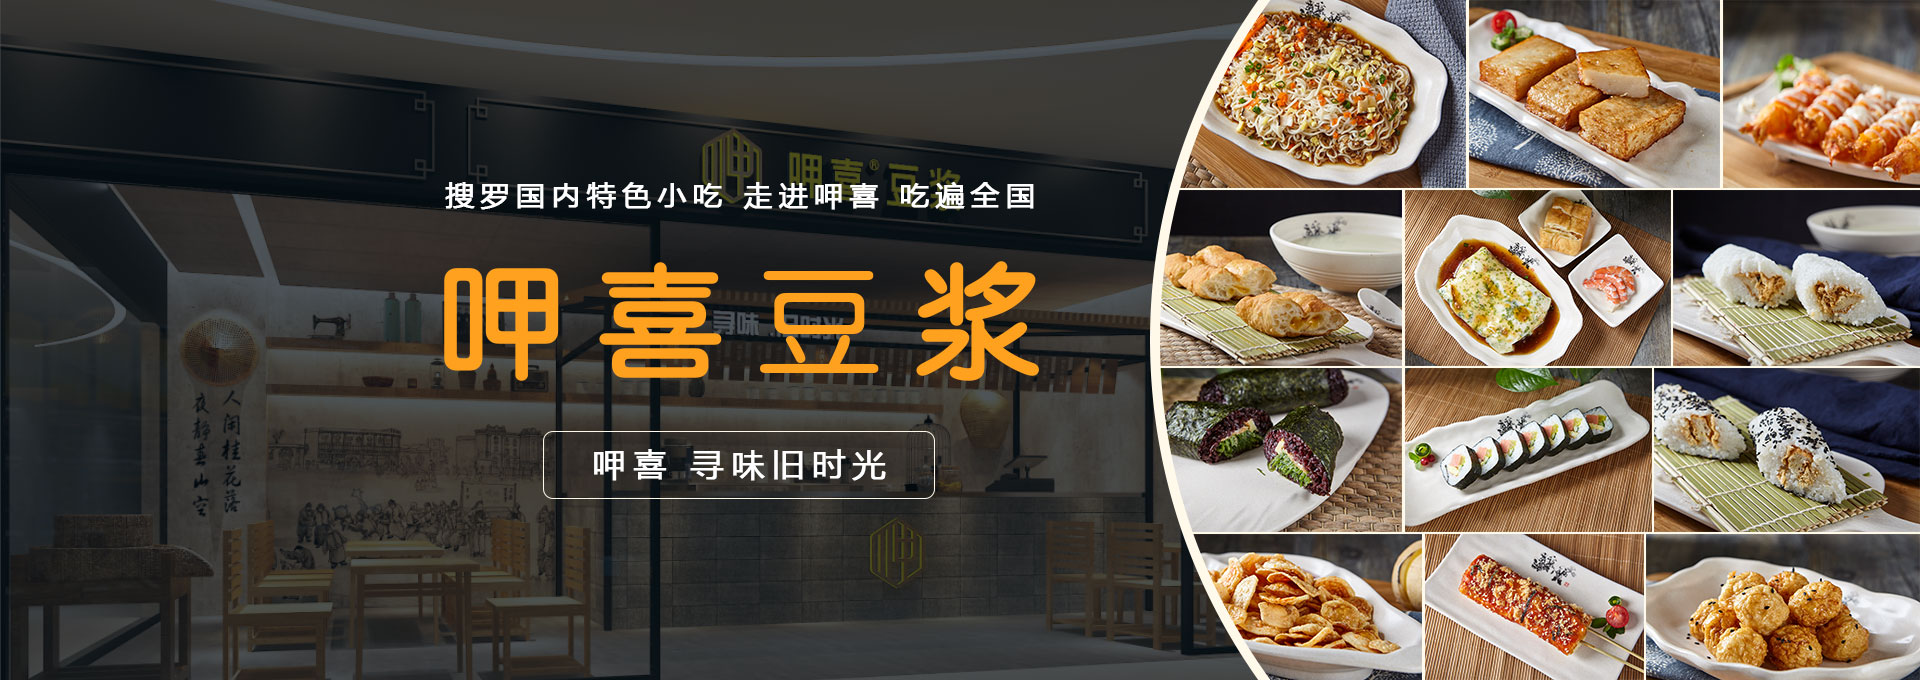 呷喜豆浆特色小吃创业项目_昌启餐饮豆浆油条加盟